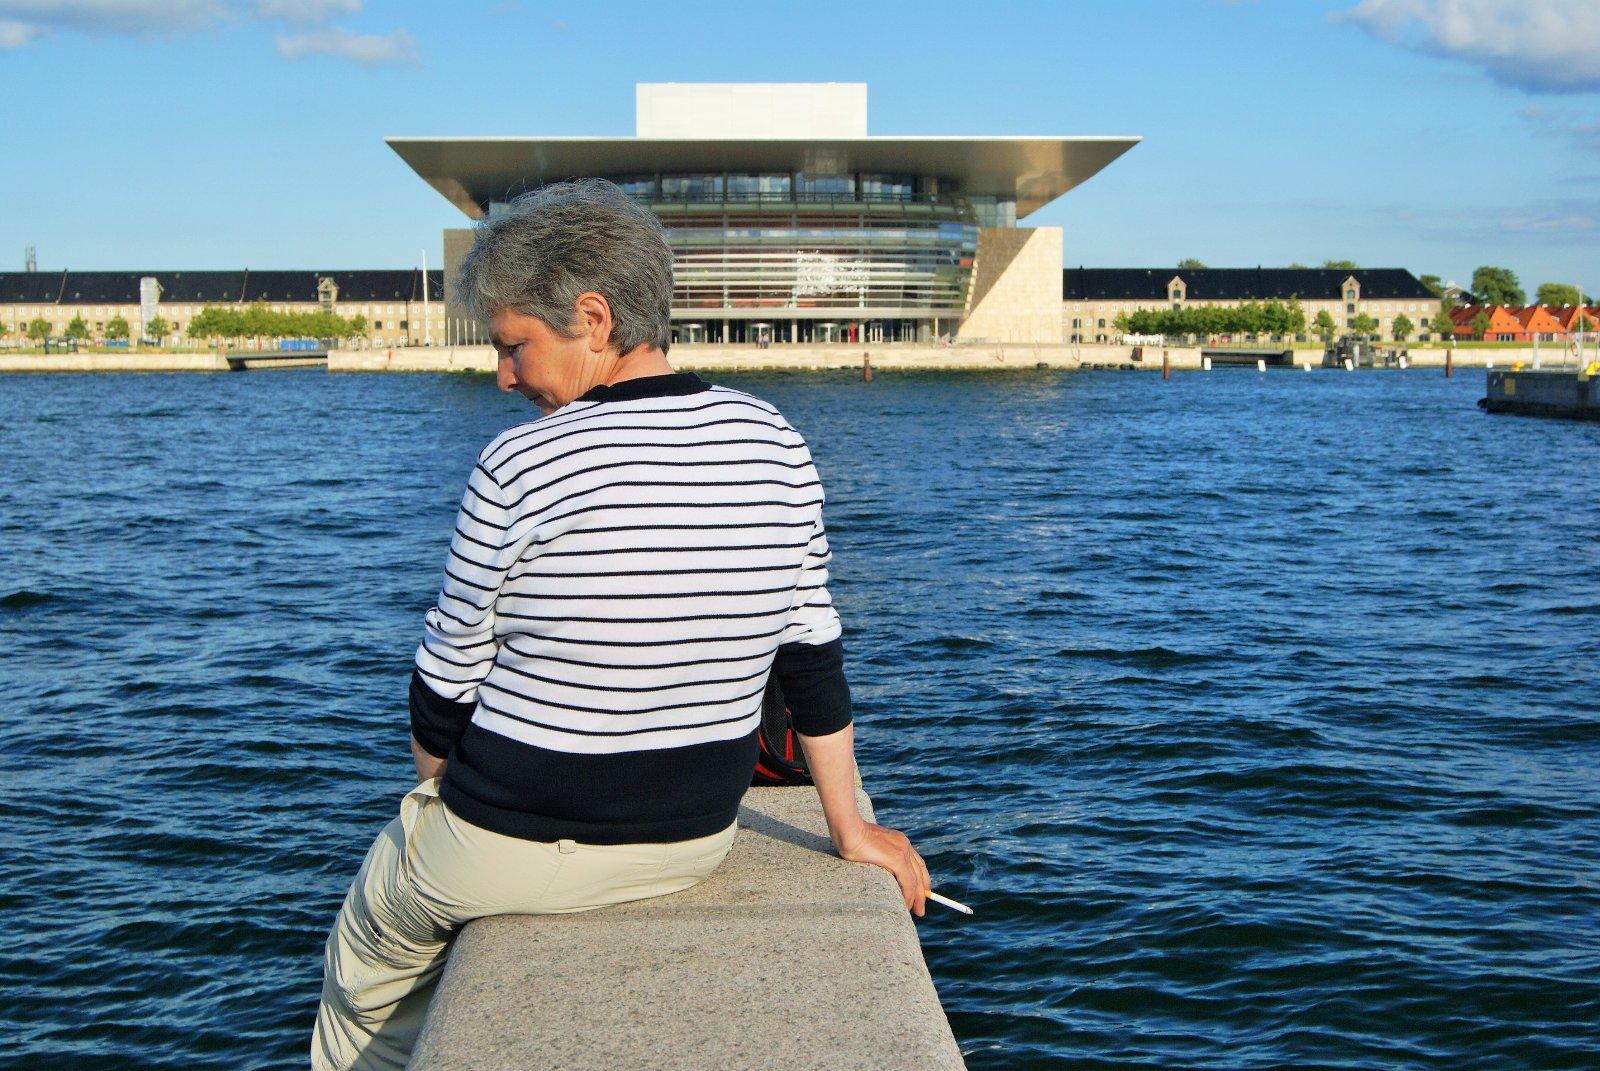 Dannebrog1, Эресуннский пролив, Копенгаген, Оперный театр Копенгагена, национальный оперный театр Дании